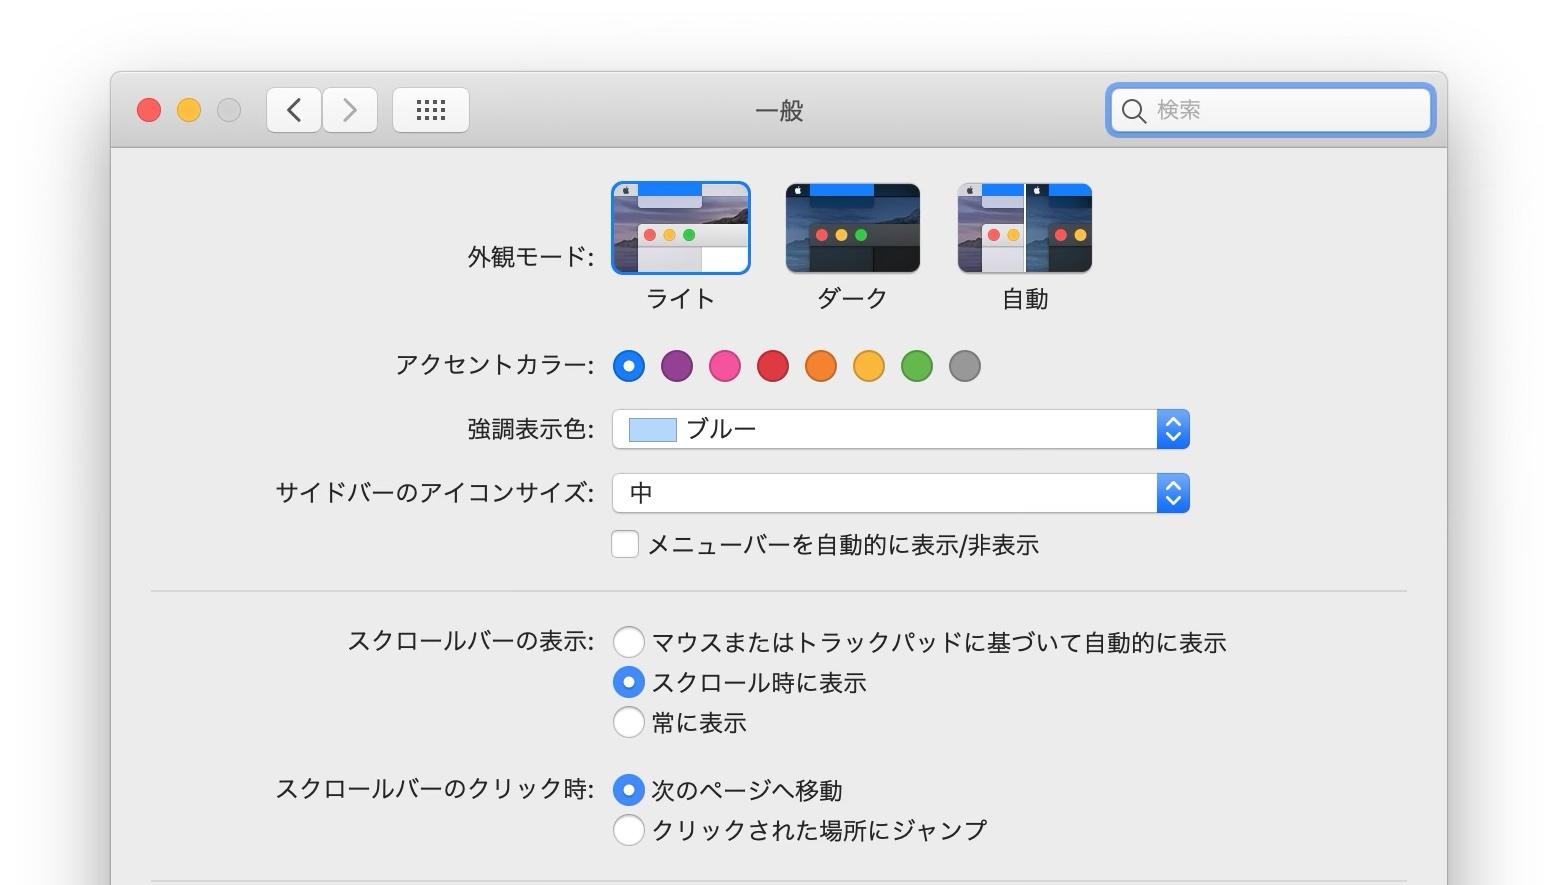 macOS 10.15 Catalinaのシステム環境設定一般